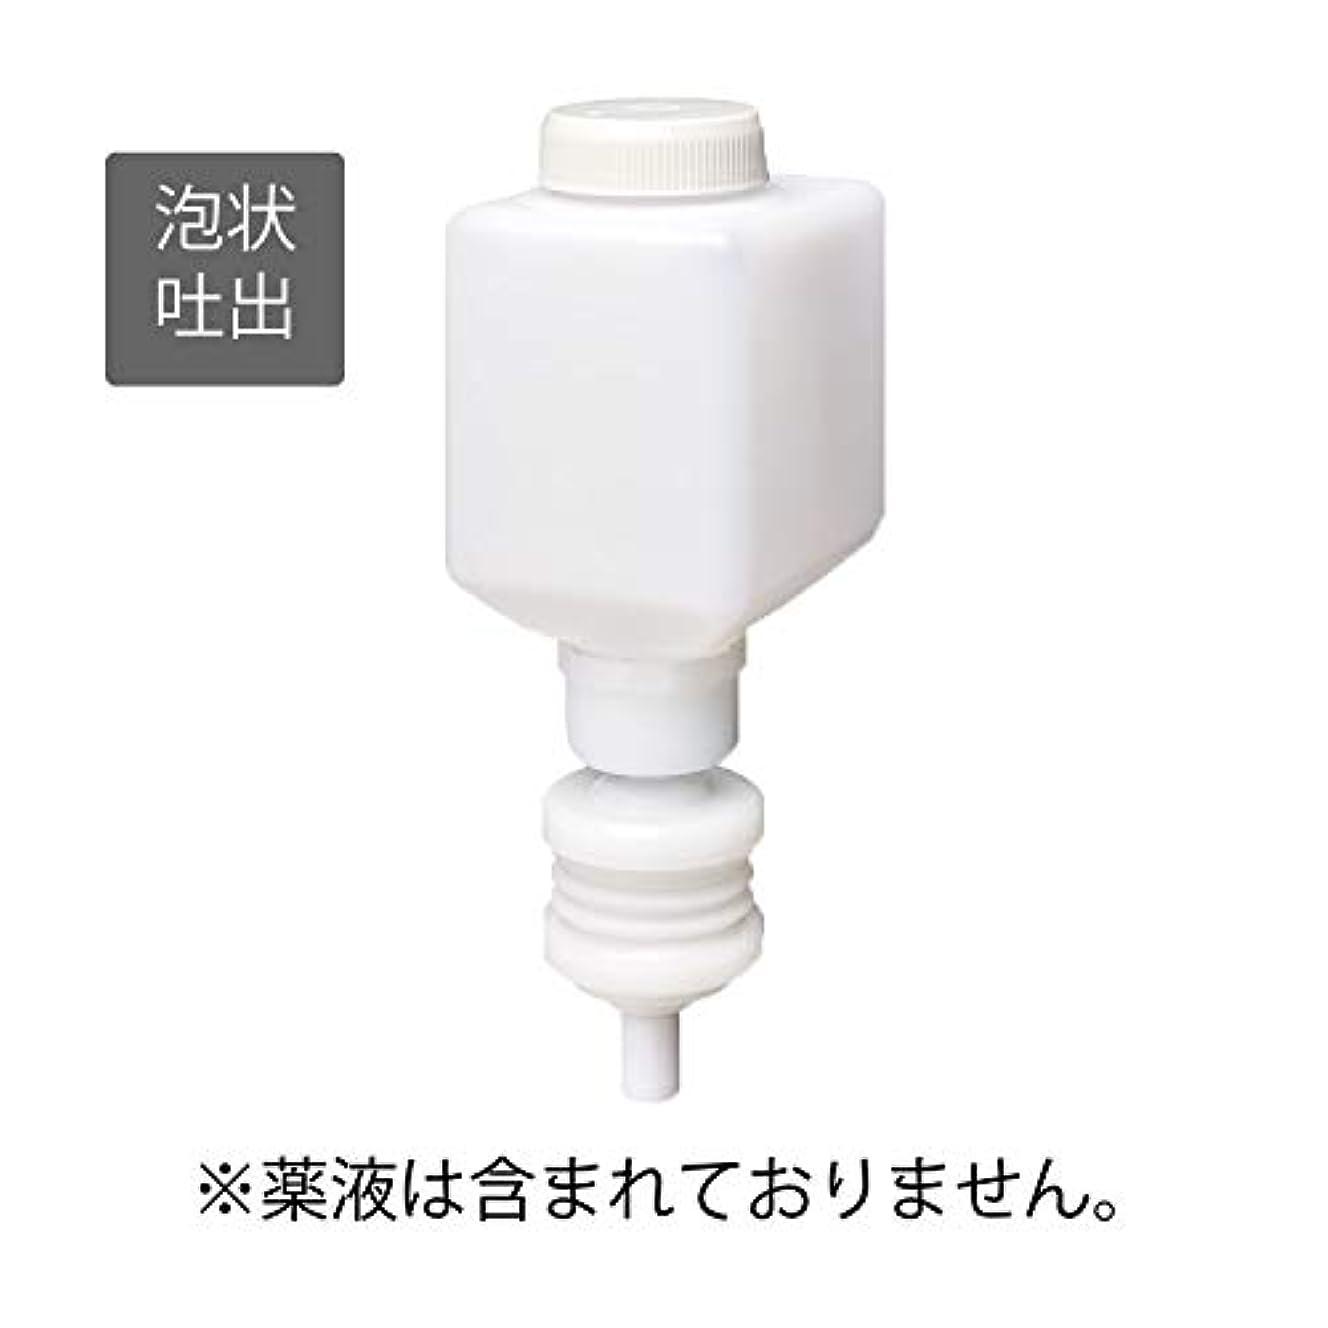 欠点実装する社会サラヤ カートリッジボトル 石けん液泡タイプ用 250ml MD-300